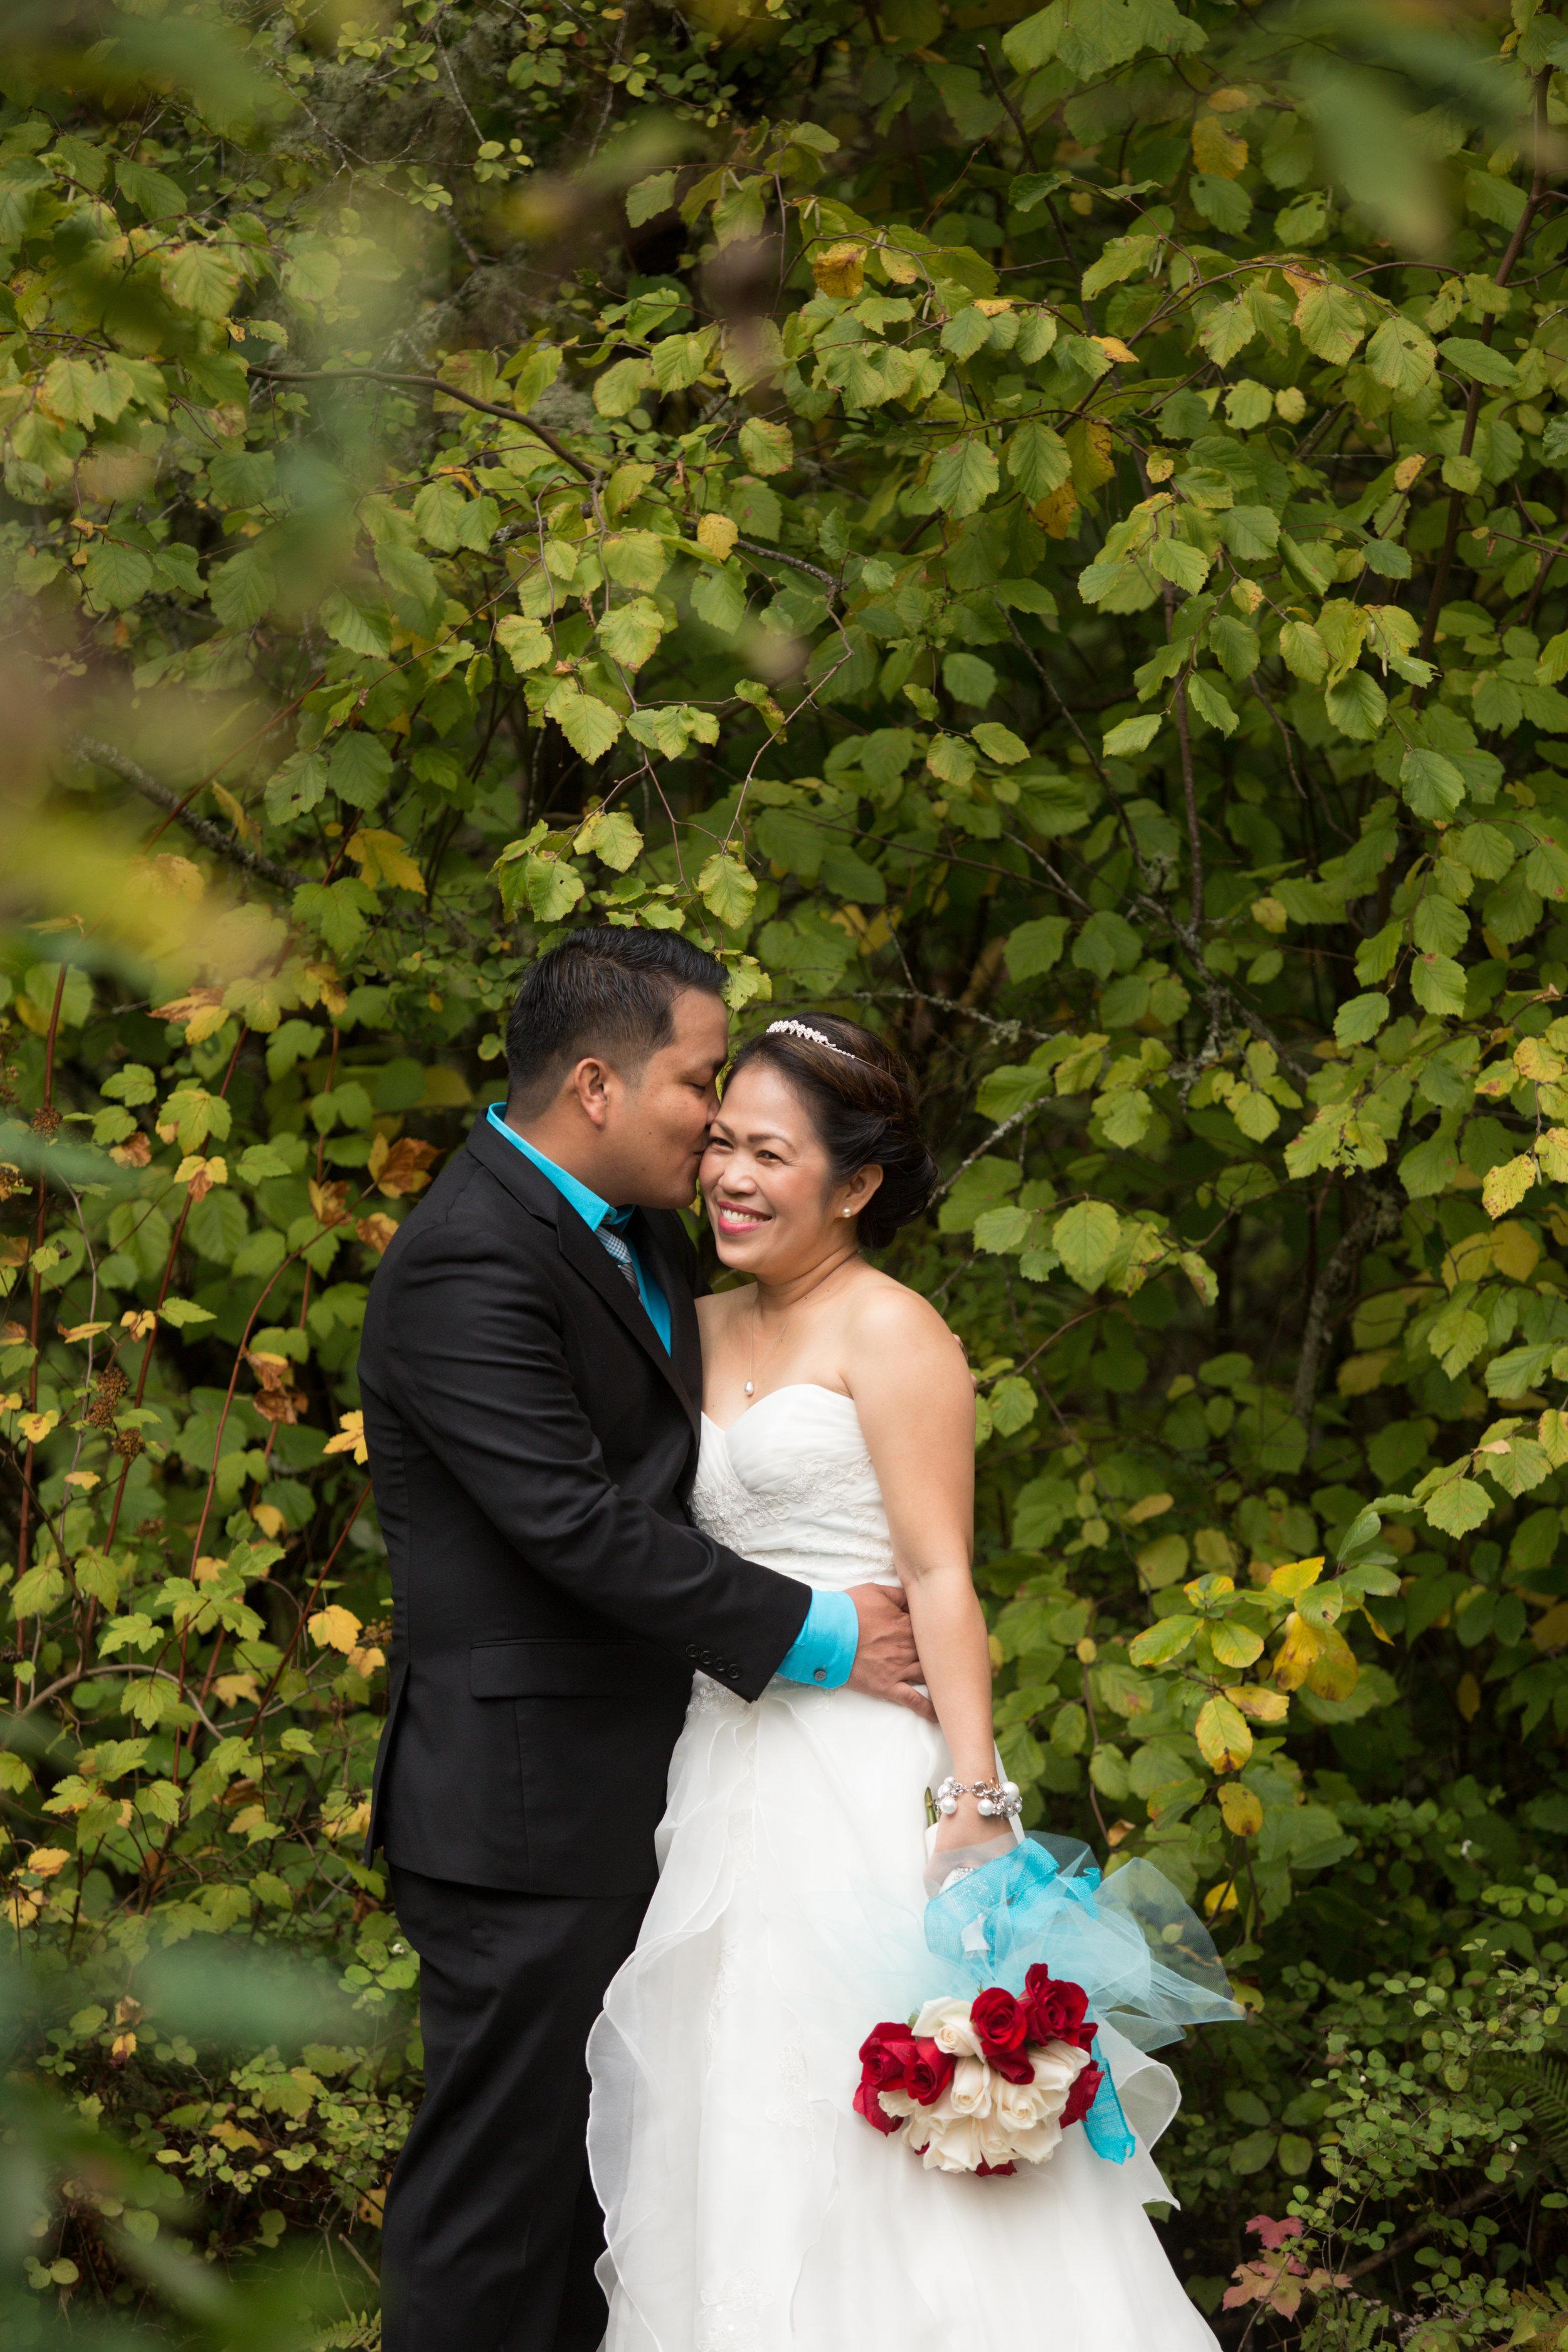 wedding_2015-10-17-48.jpg